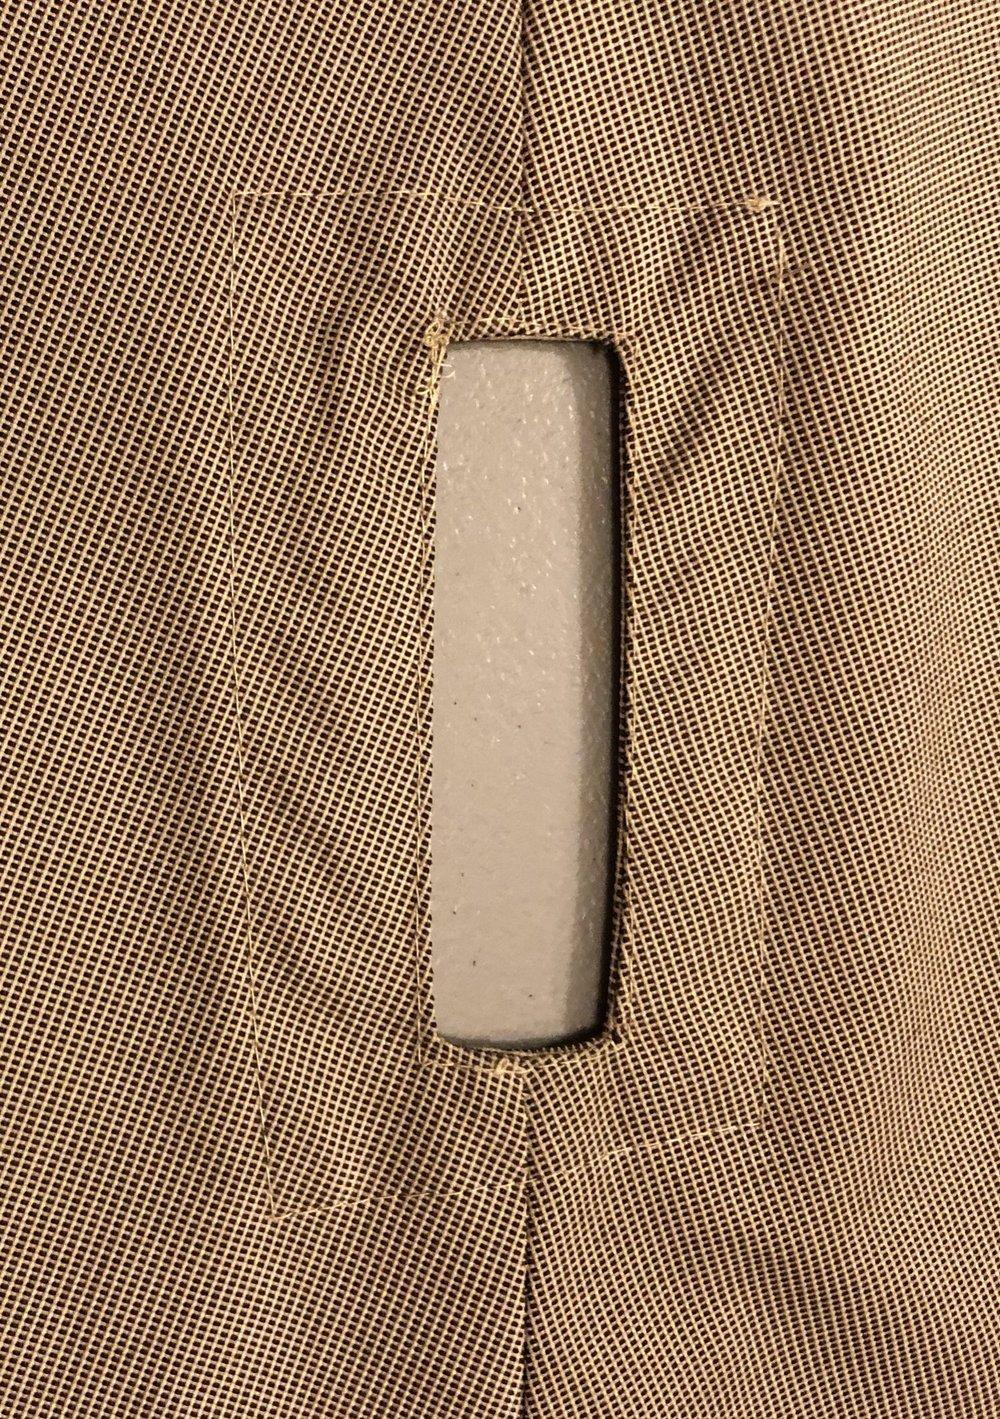 Original fabric, hole for the frame to enter